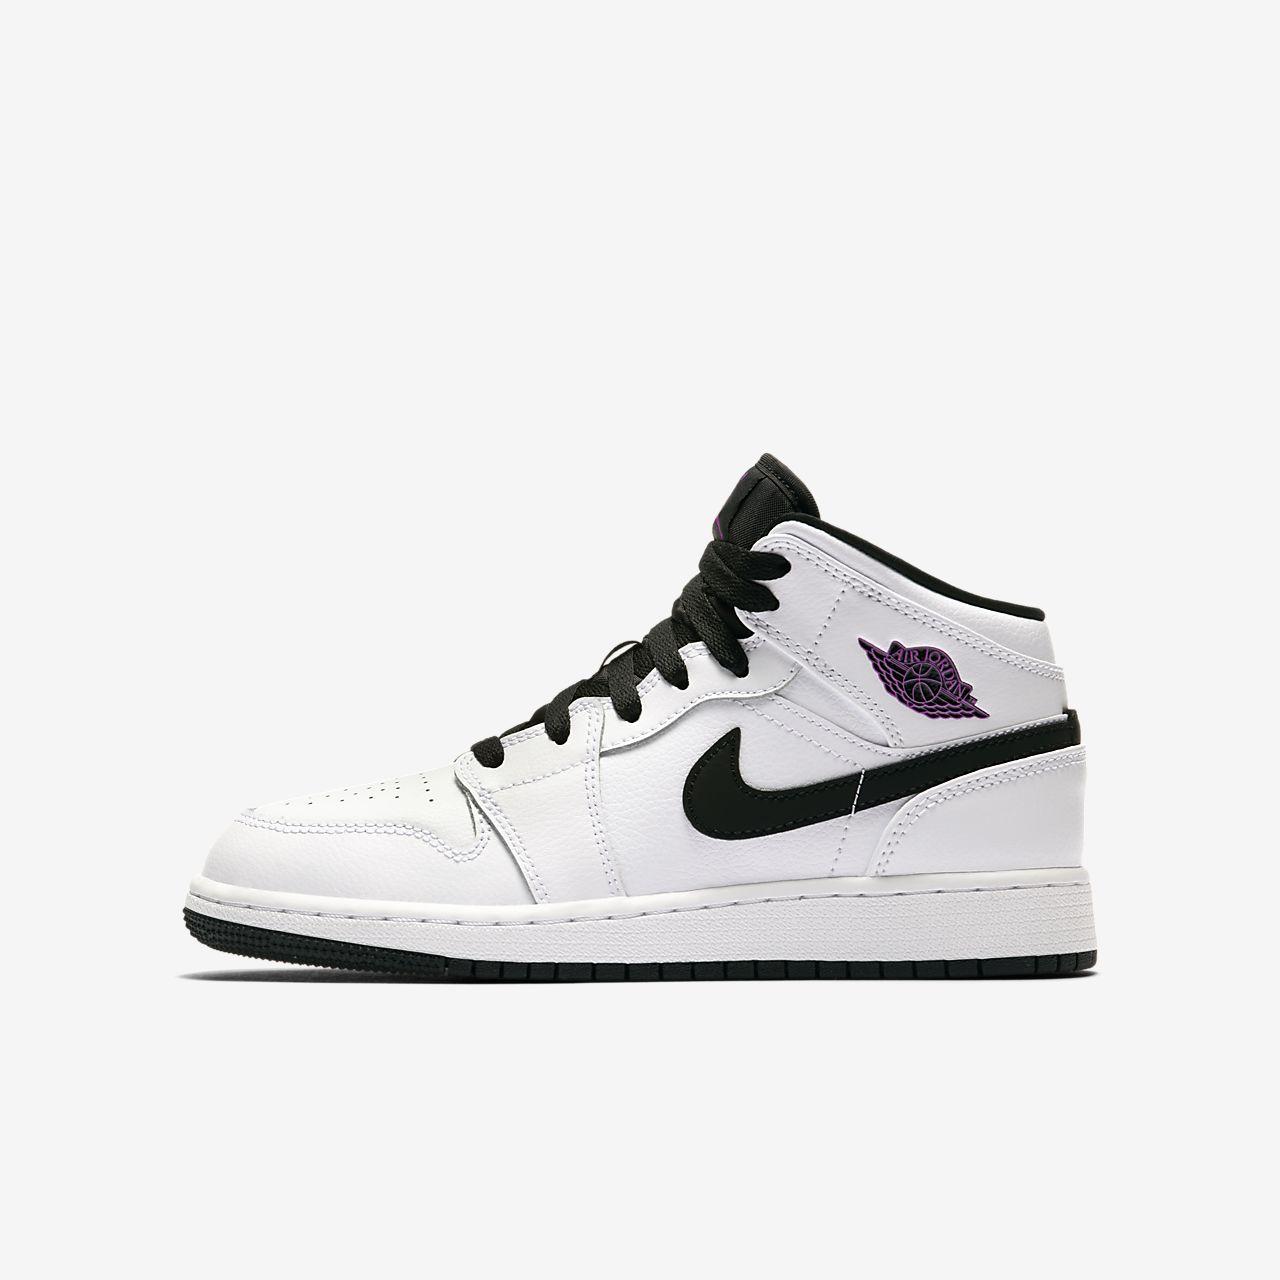 ... Chaussure Air Jordan 1 Mid pour Enfant plus âgé